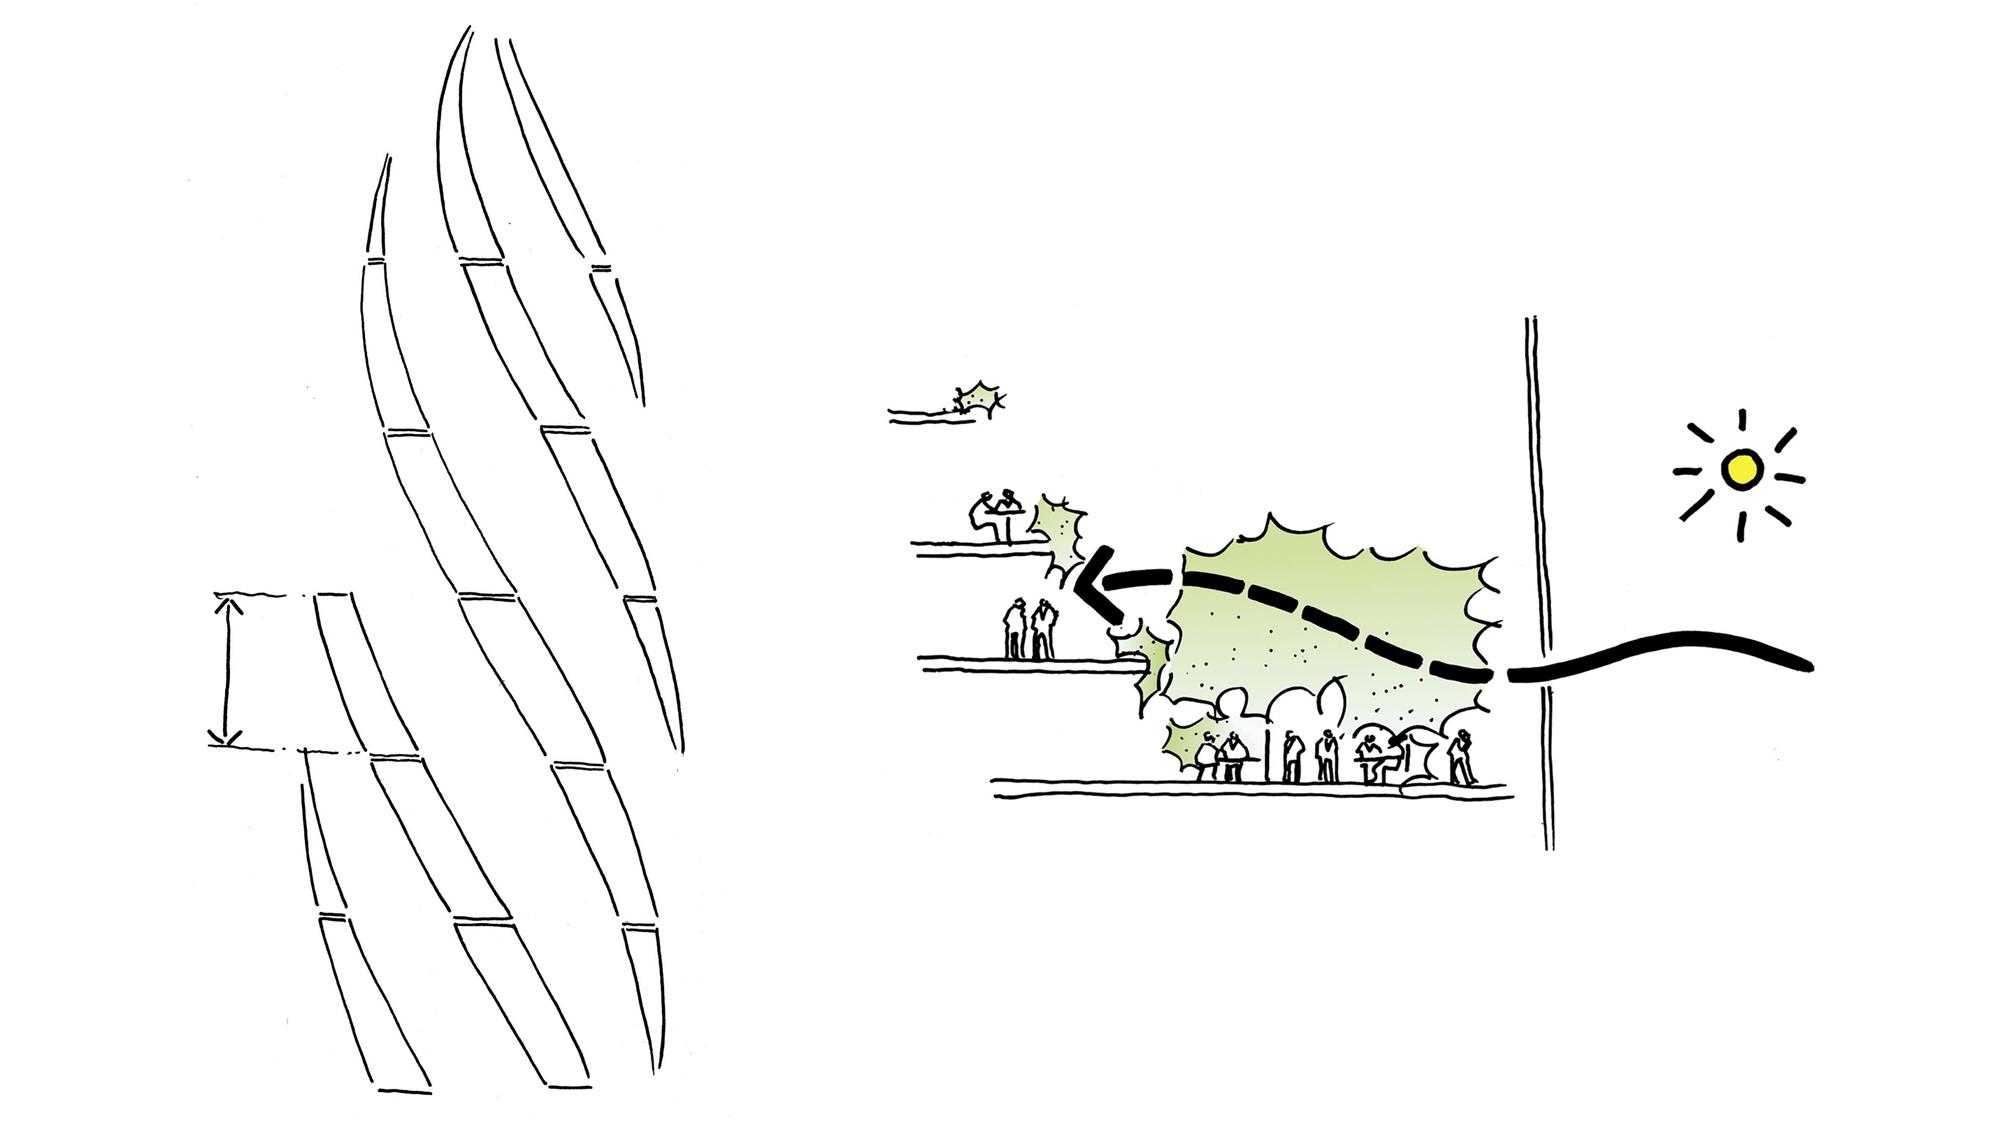 diagram of wells